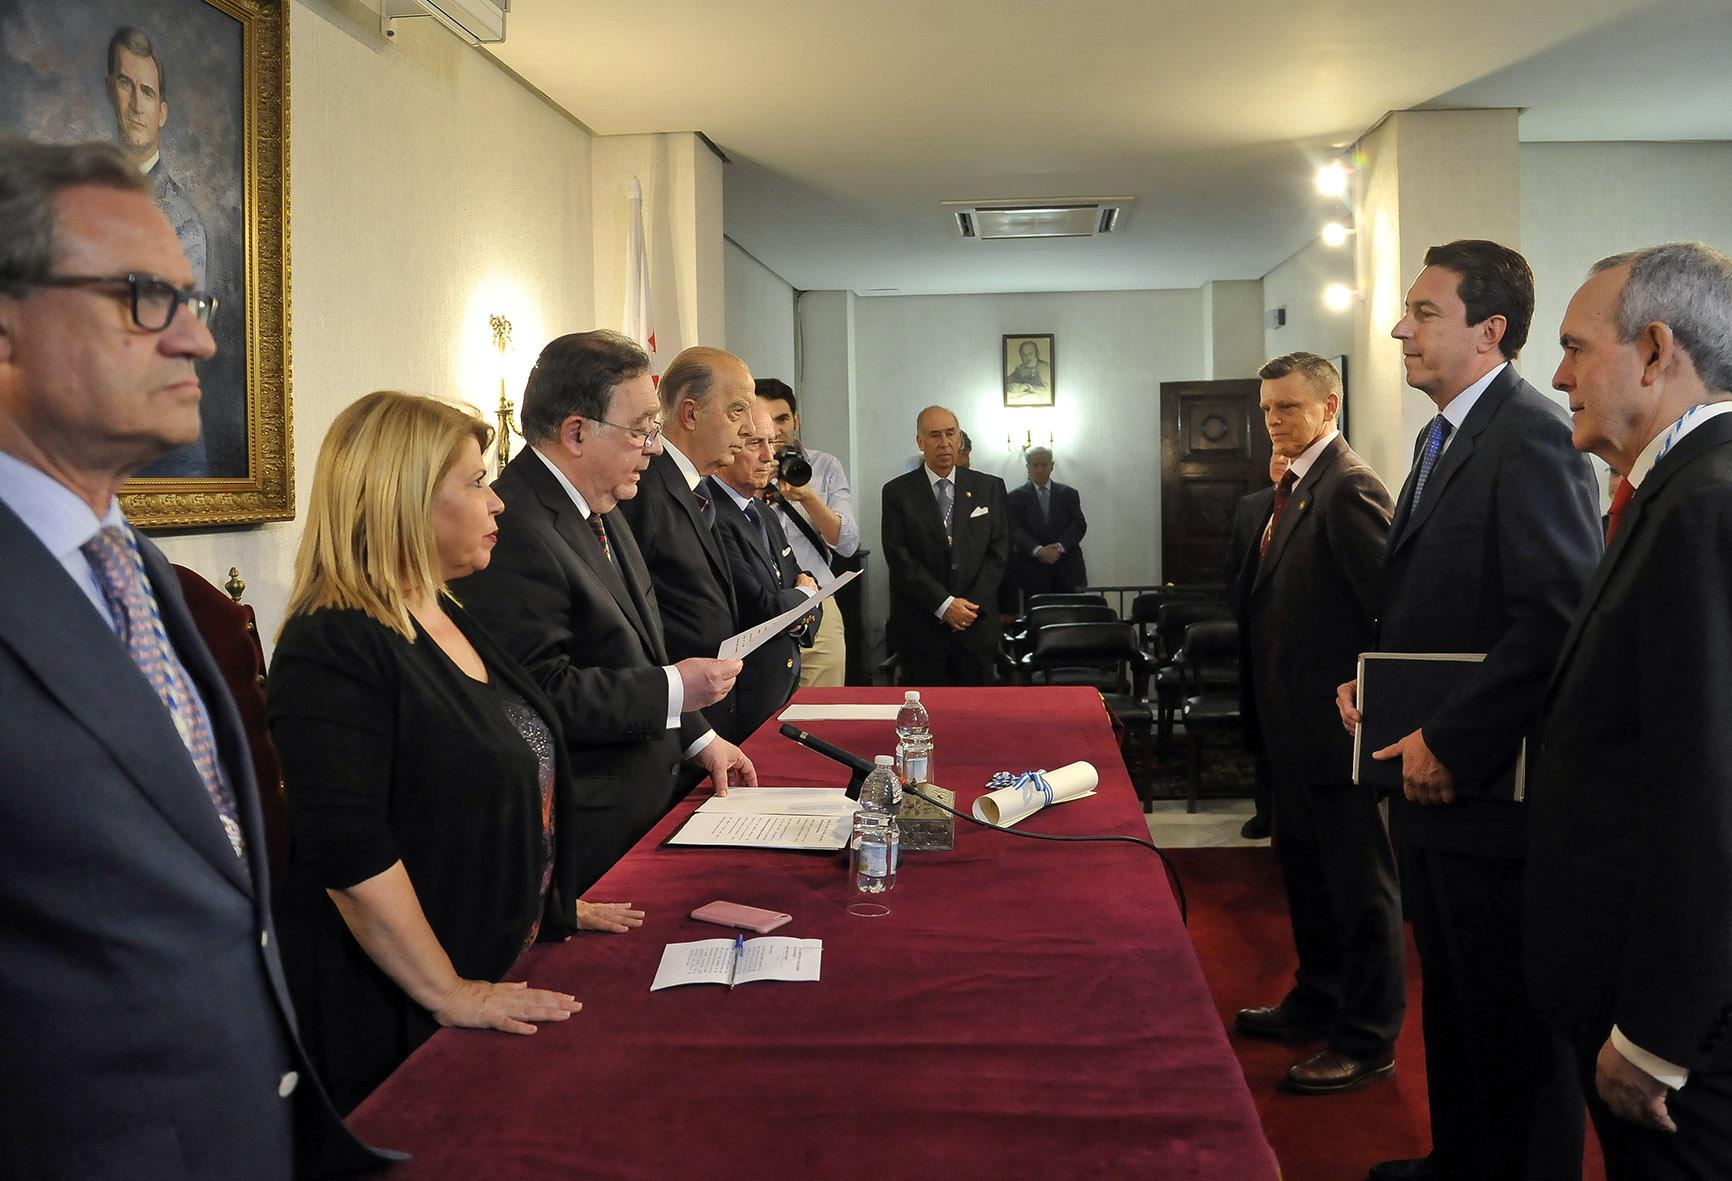 La alcaldesa felicita a Juan Carlos Durán por su ingreso en la Real Academia de San Dionisio